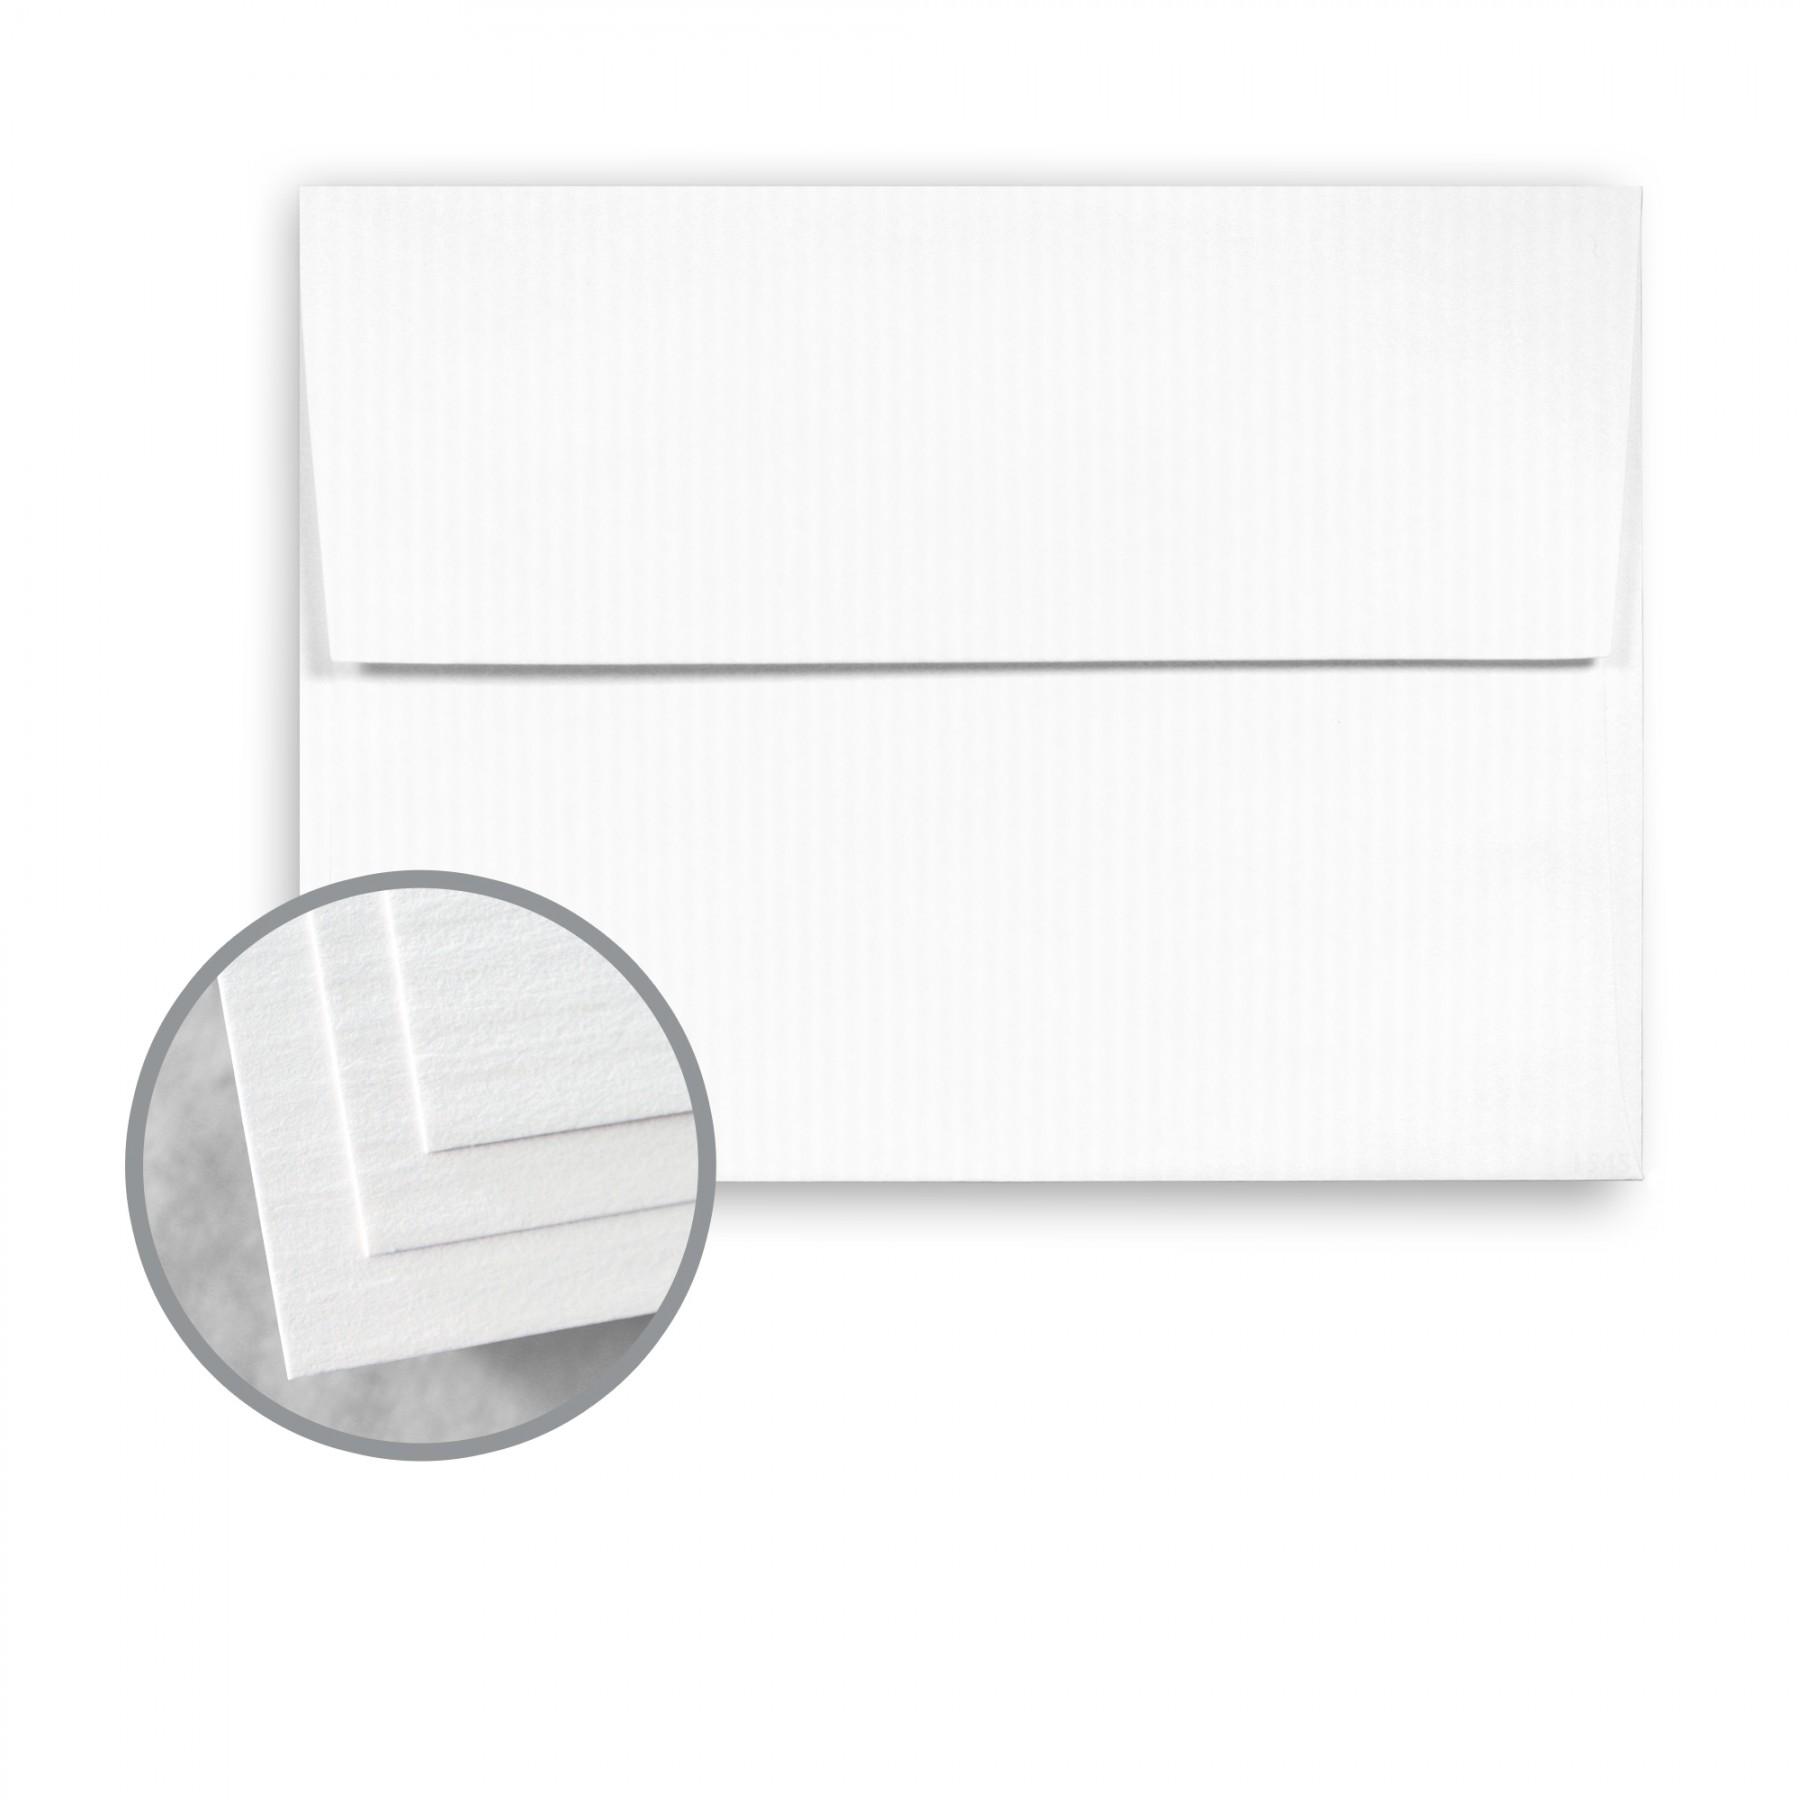 Solar white envelopes a7 5 1 4 x 7 1 4 80 lb text for Classic columns paper